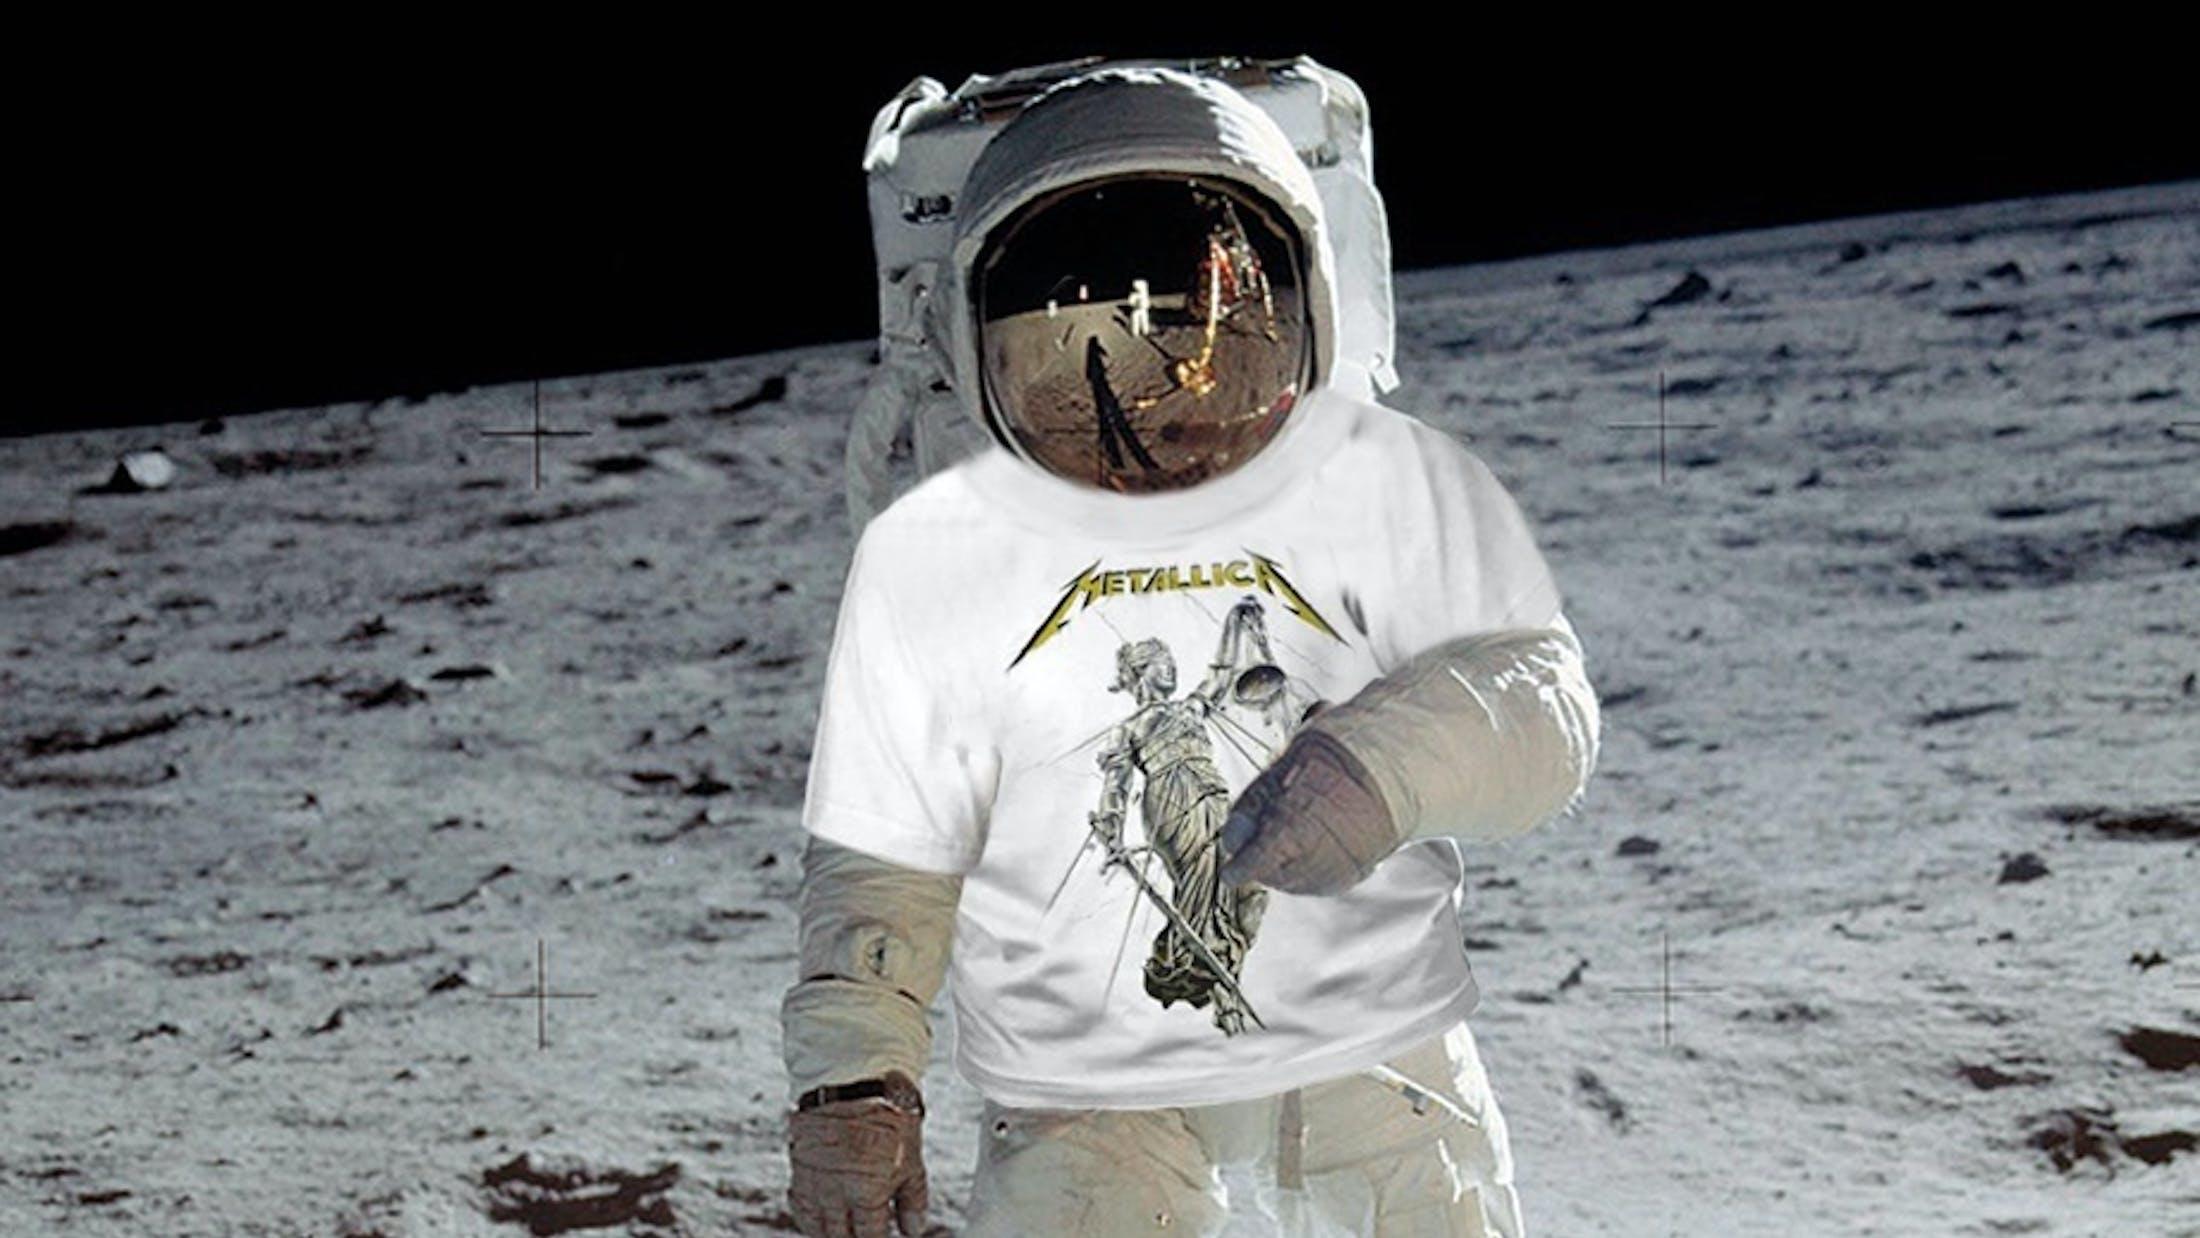 Metallica Shirt Header